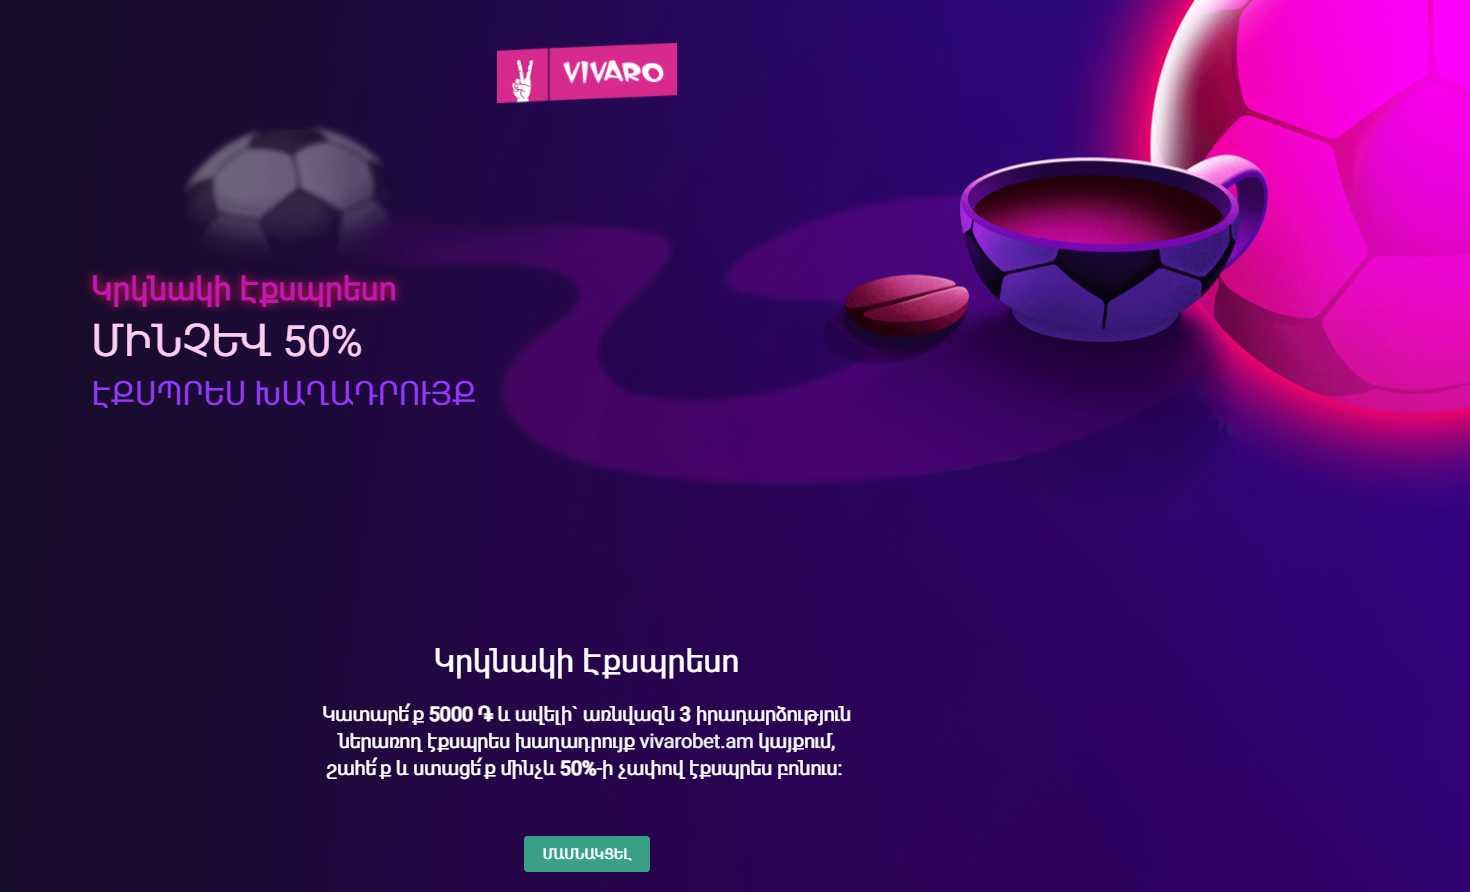 Որո՞նք են միջոցները հանելու համար VivaroBet բոնուսայի պայմանները և որտե՞ղ դրանց ծանոթանալ